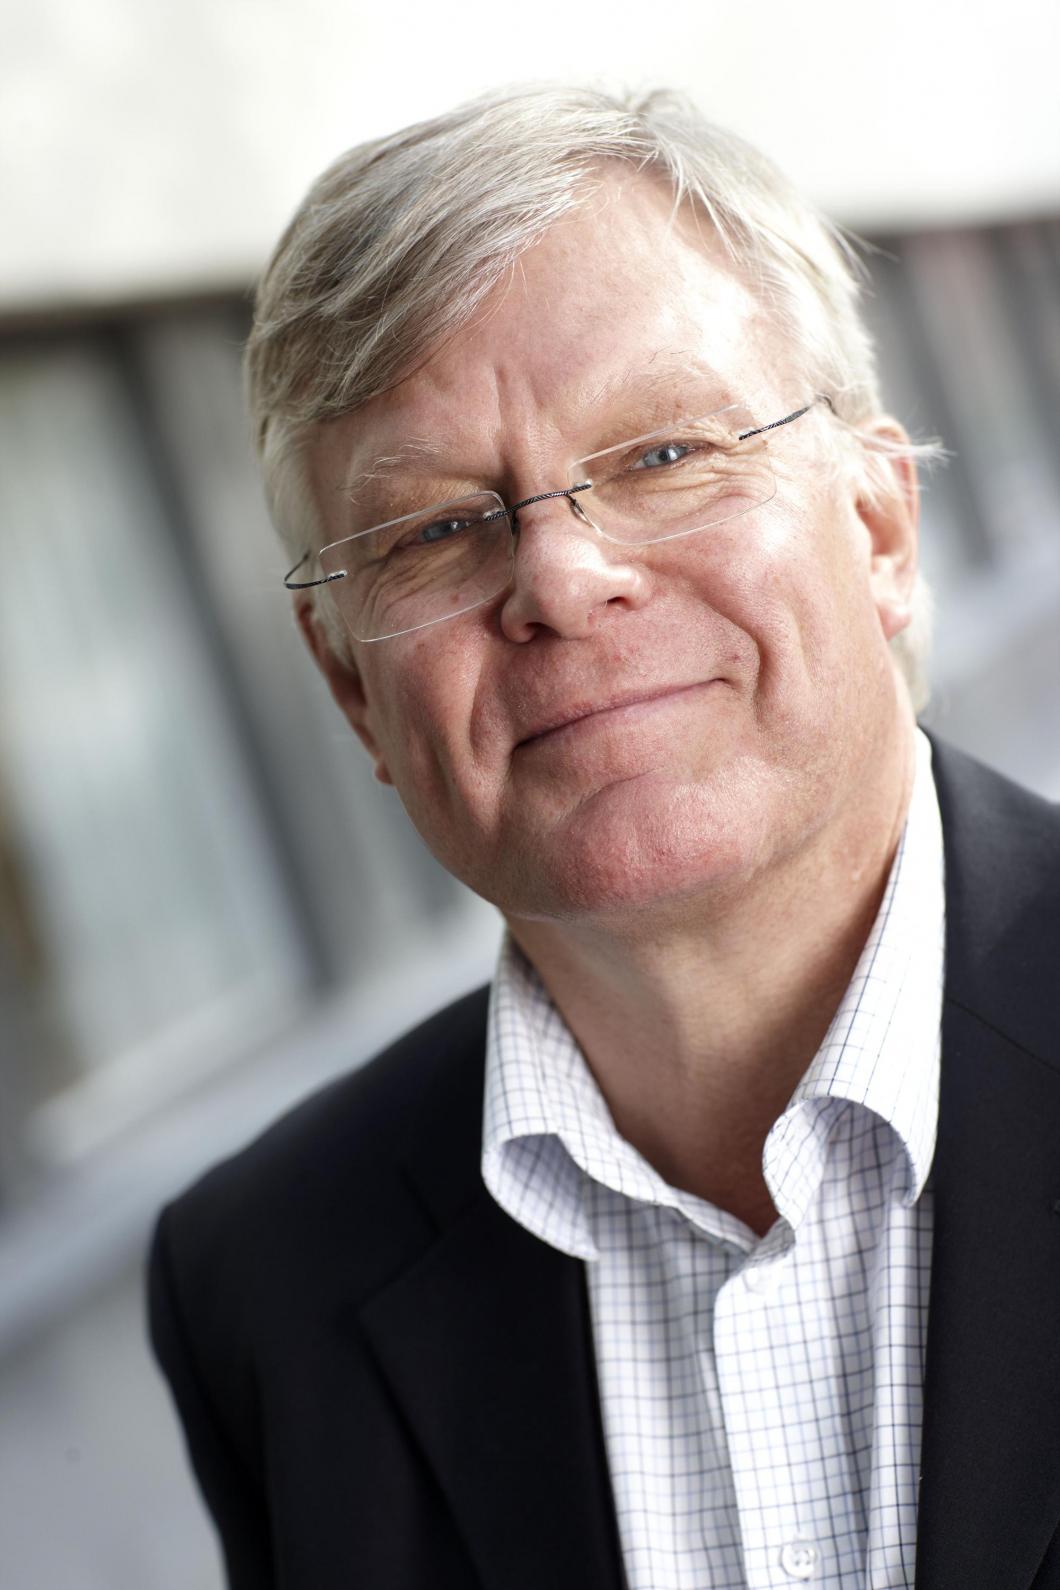 Stockholm. Chefläkare vill se ökad kapacitet i förlossningsvården